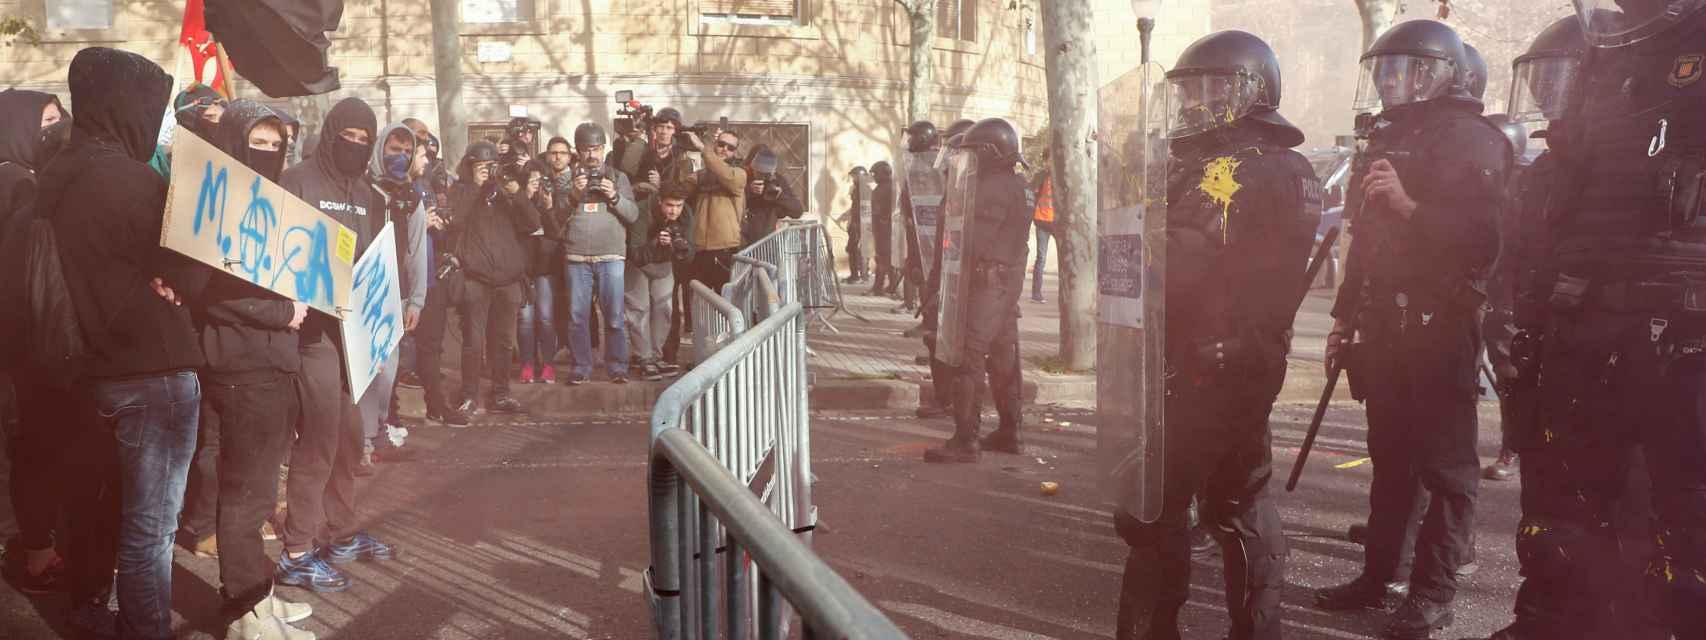 21-D, últimas noticias en directo   Tres detenidos en las manifestaciones separatistas que rodean el Consejo de Ministros